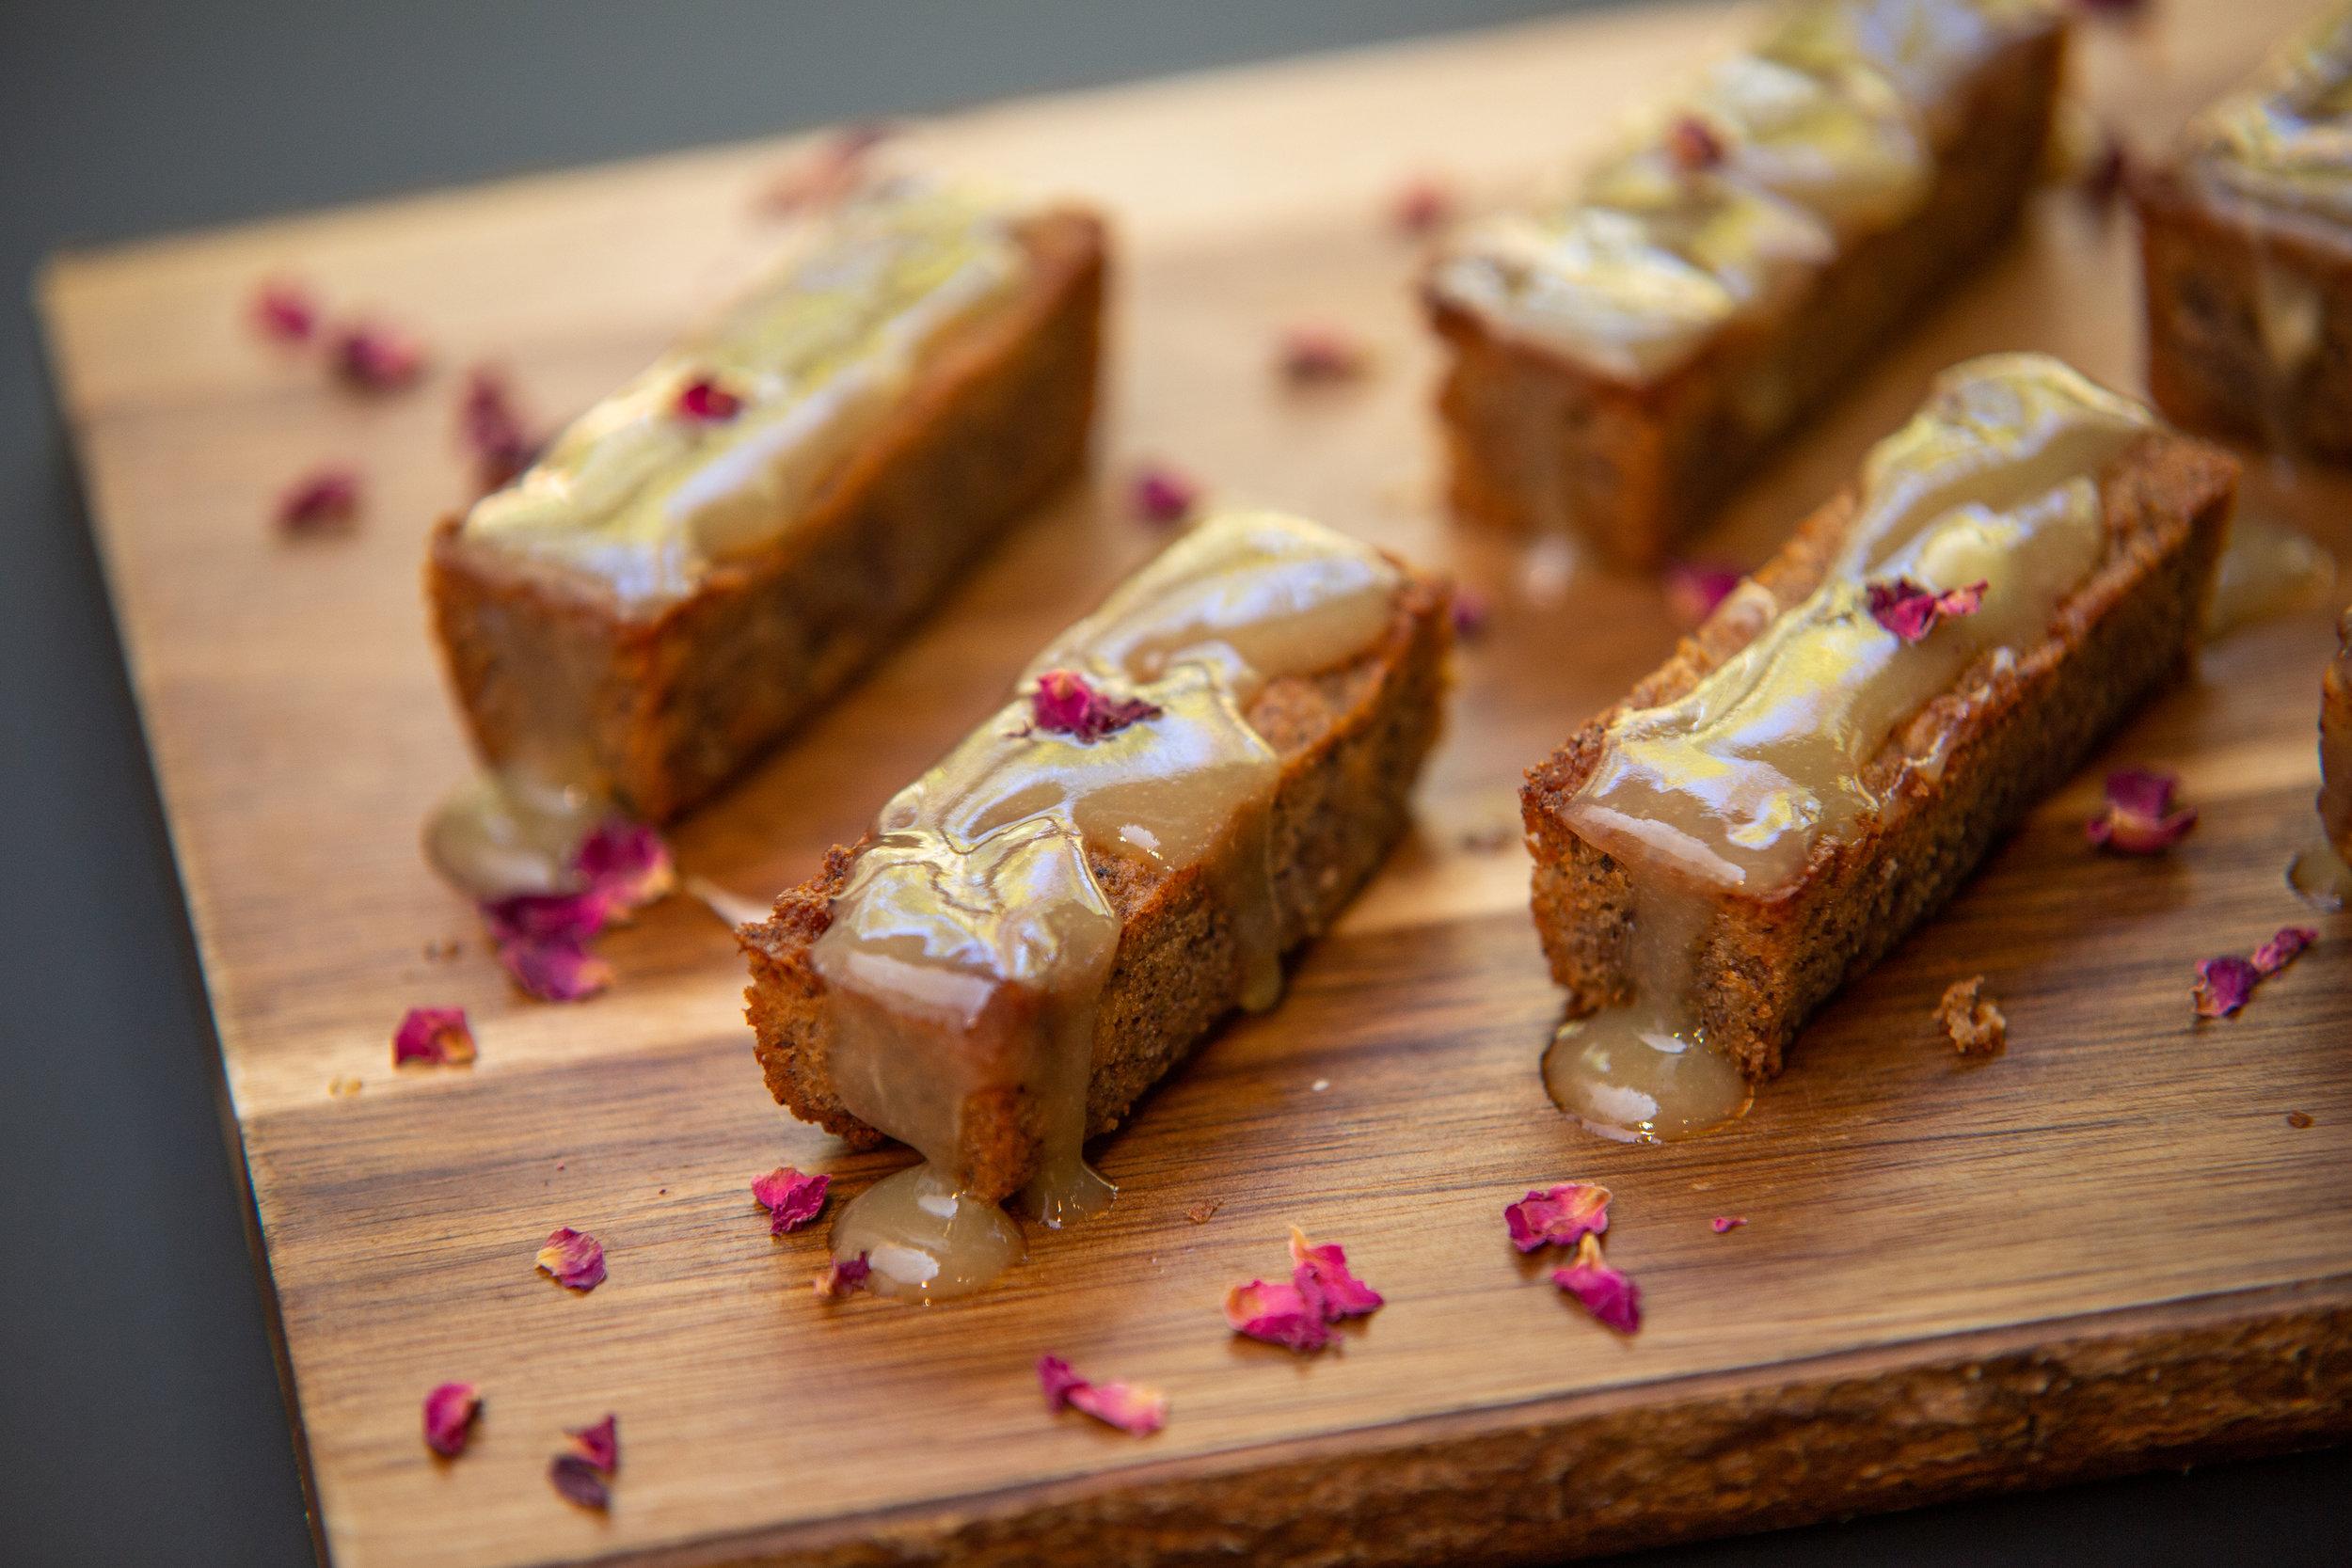 tcc-pastries-hibiscusberryteacake-2.jpg